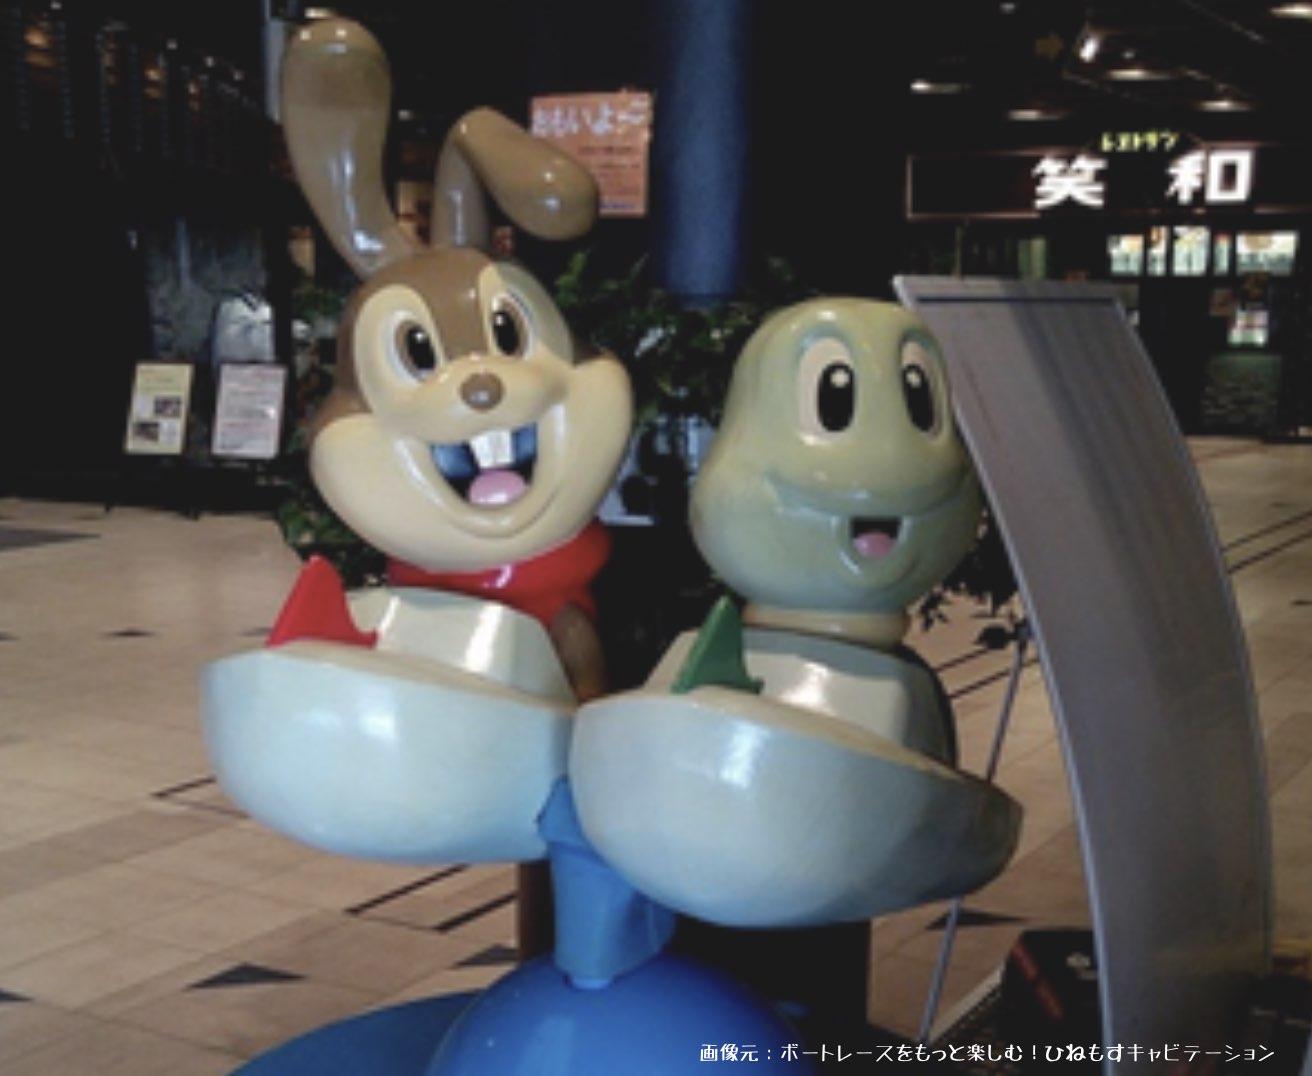 江戸川競艇場江戸川競艇場のマスコットキャラクター、ラリーとバティの画像